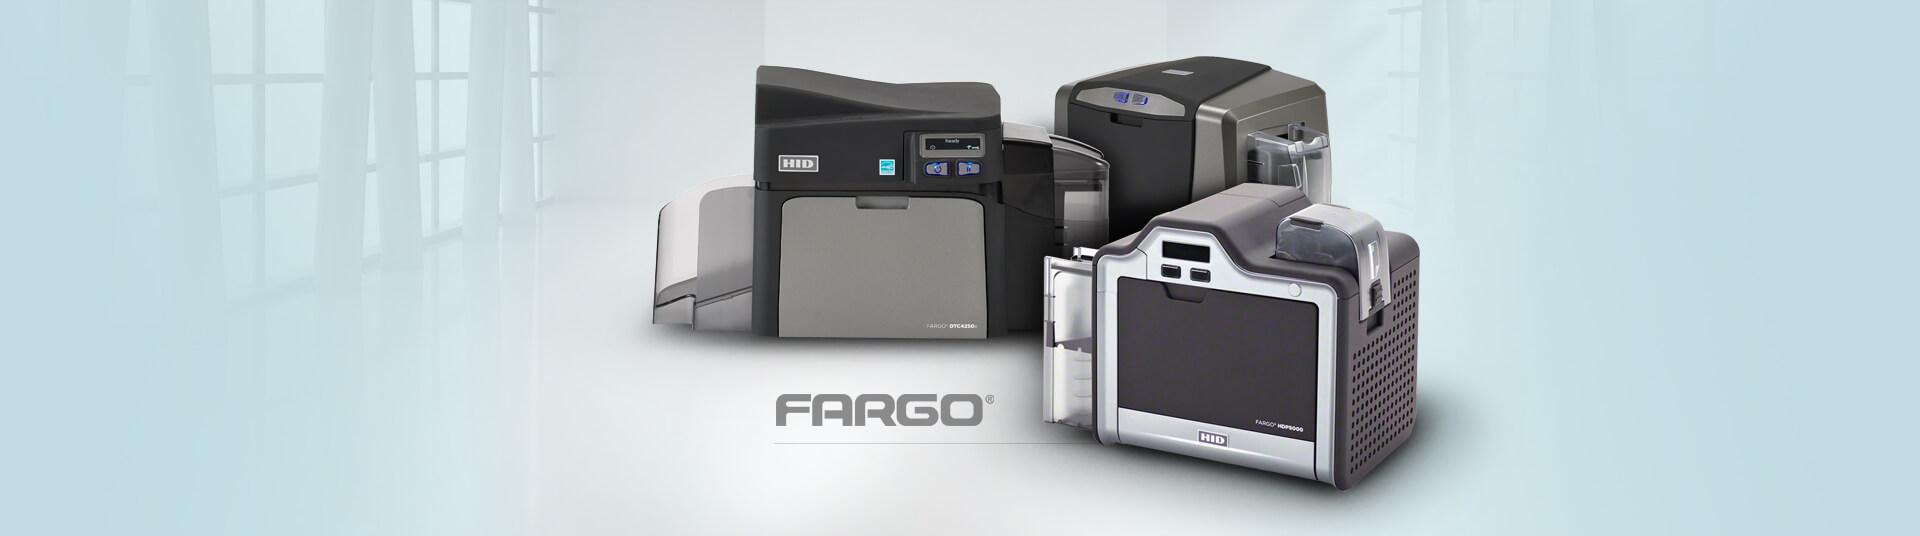 Fargo Badge Machines